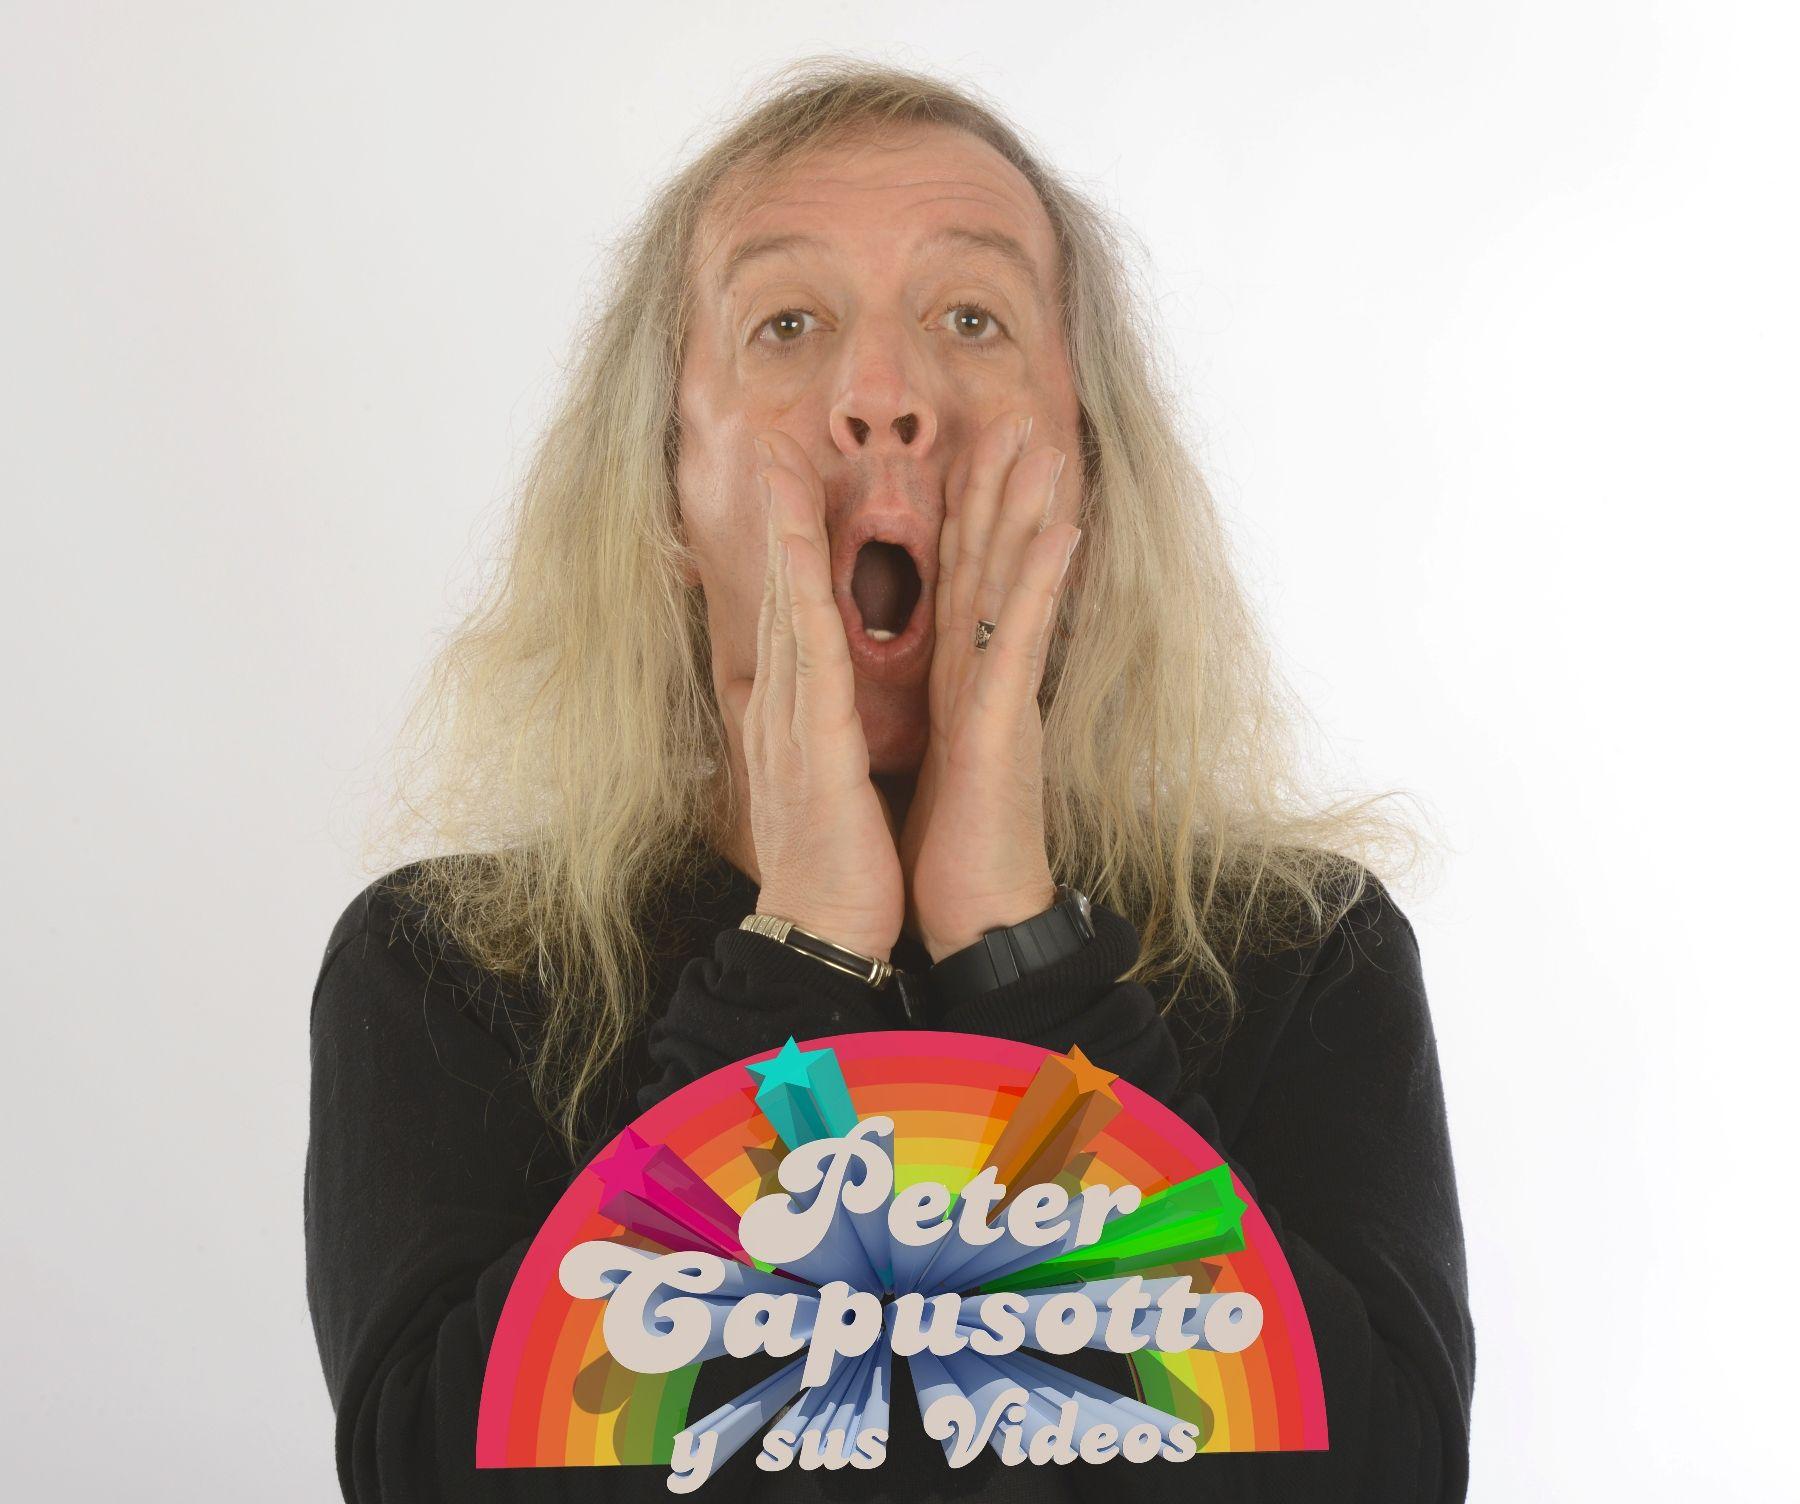 Capusotto se burla de la vida supuestamente licenciosa de los músicos de rock.